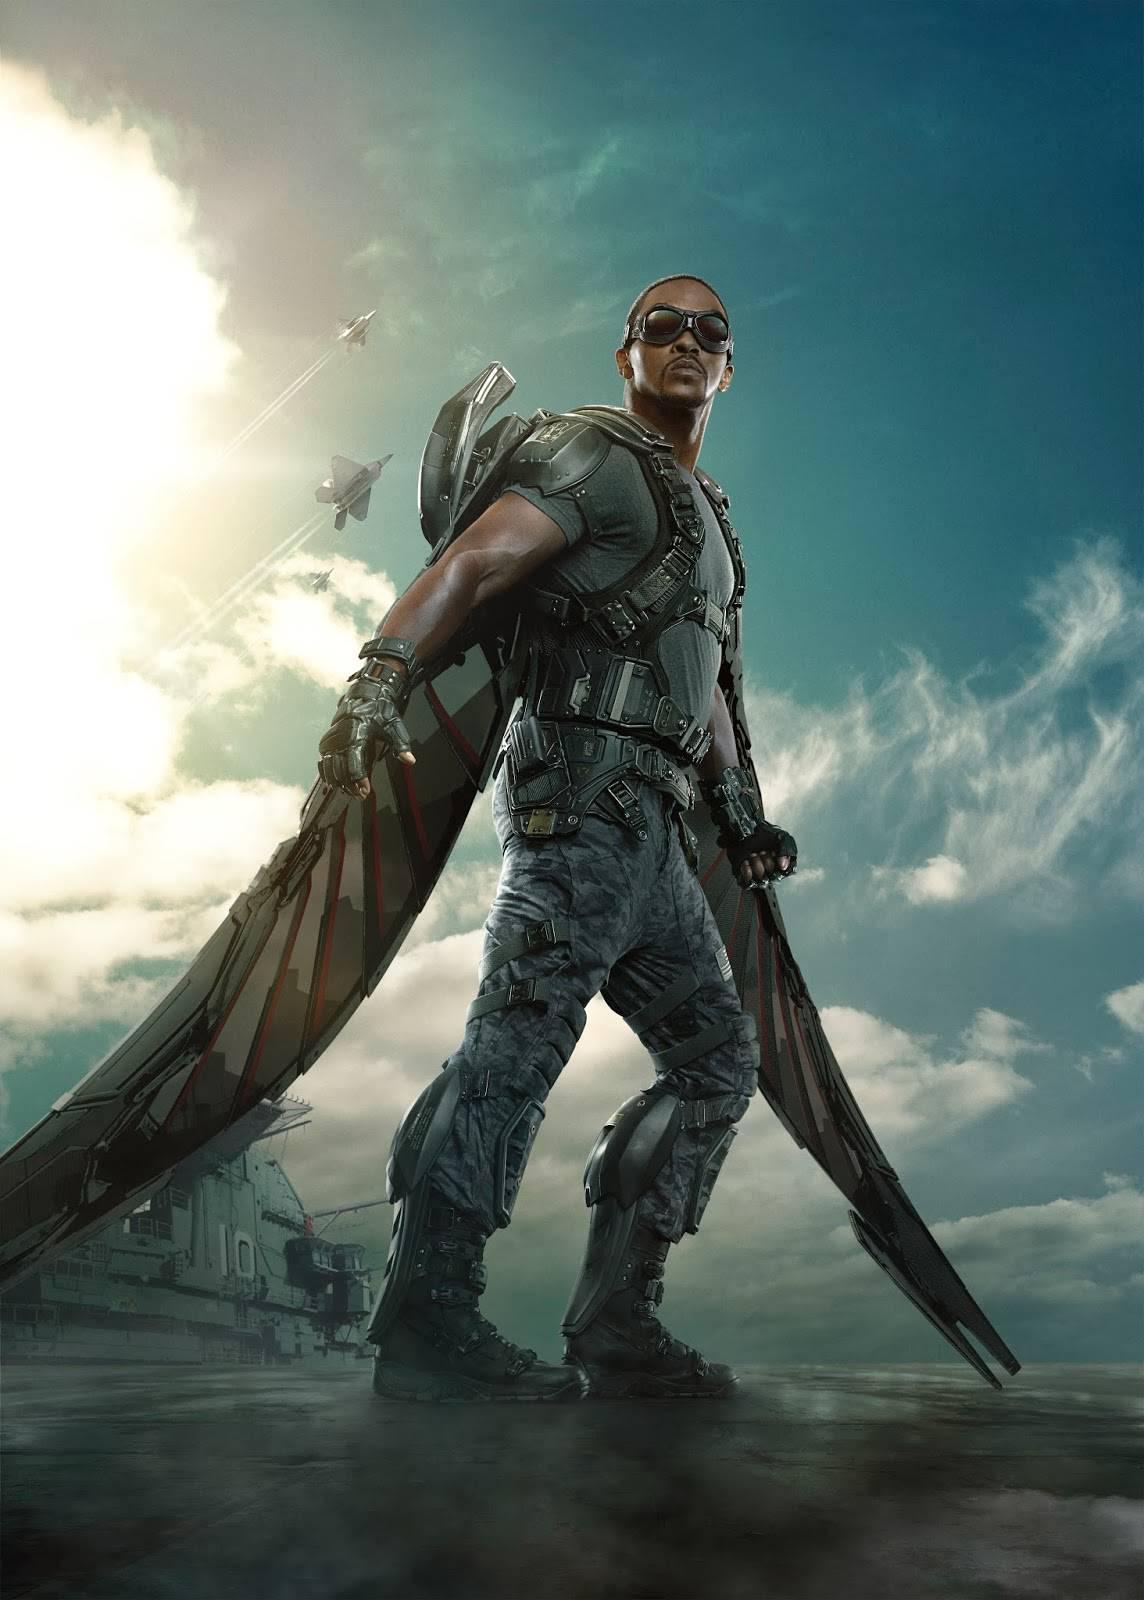 Ποιος είναι ο δυνατότερος Avenger στο MCU; - Geekdom Cinema/TV 2